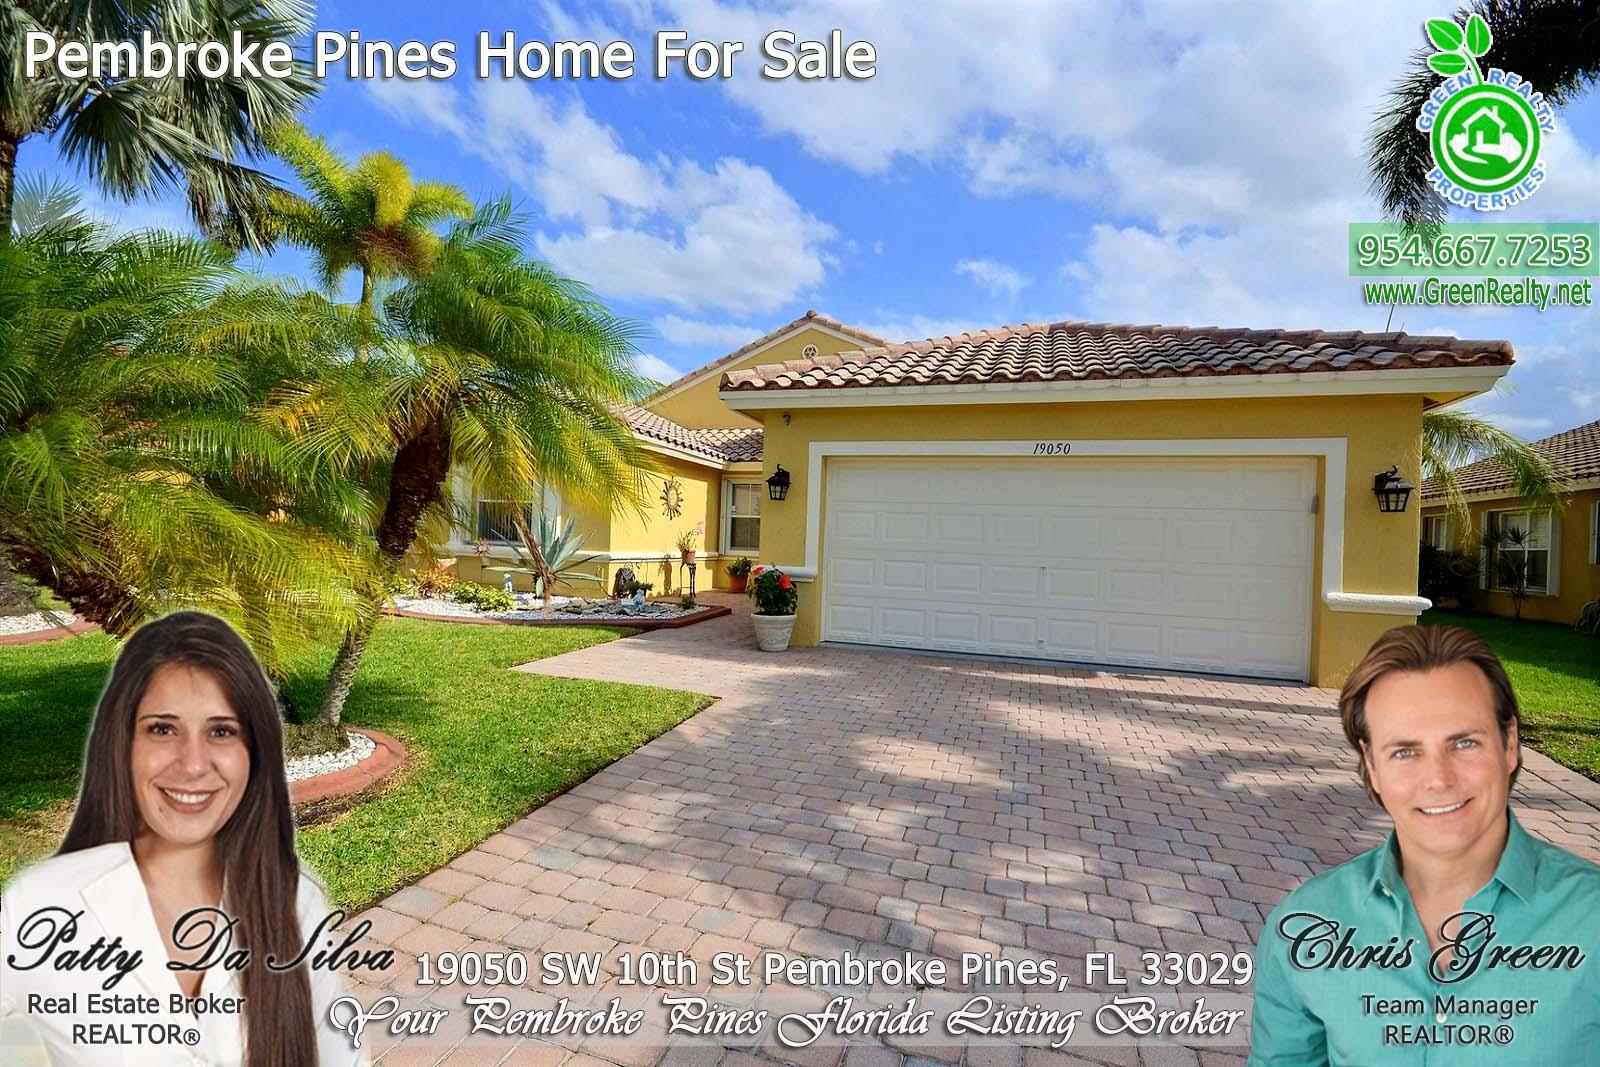 2 Encantada Homes For Sale on Pembroke Pines (1)